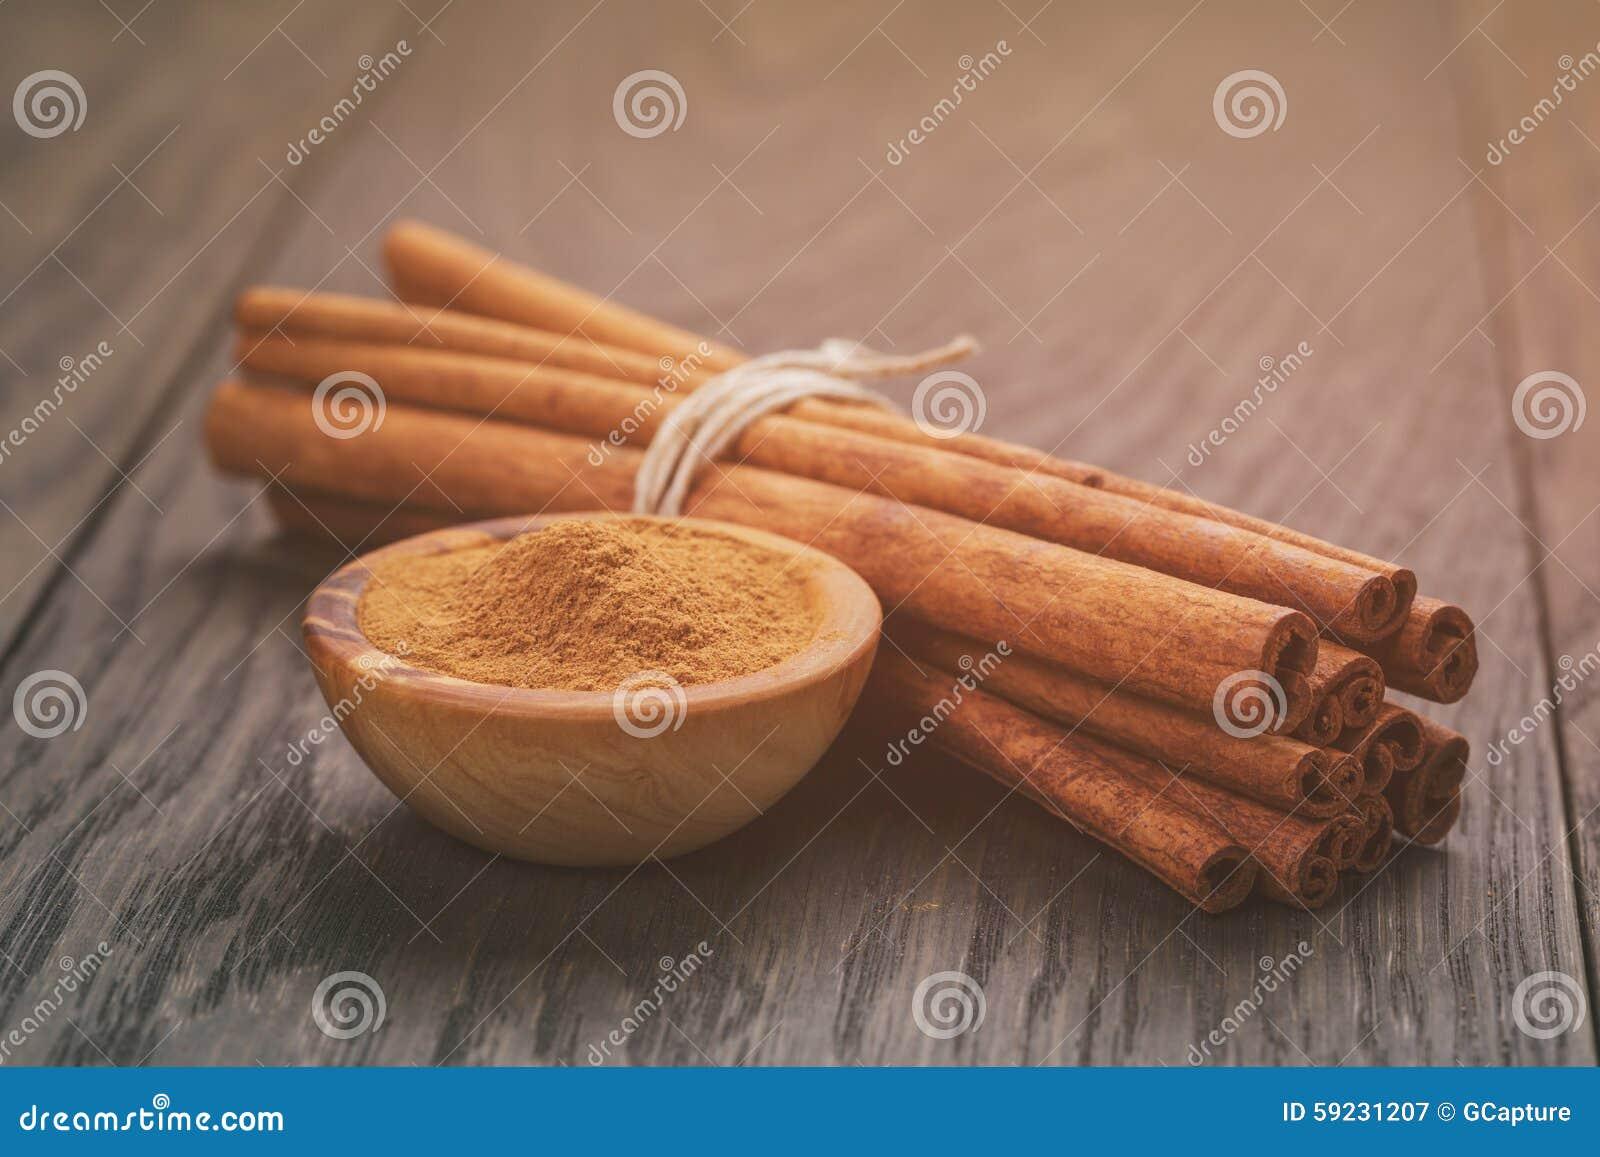 Manojo de palillos de canela atados con guita, encendido